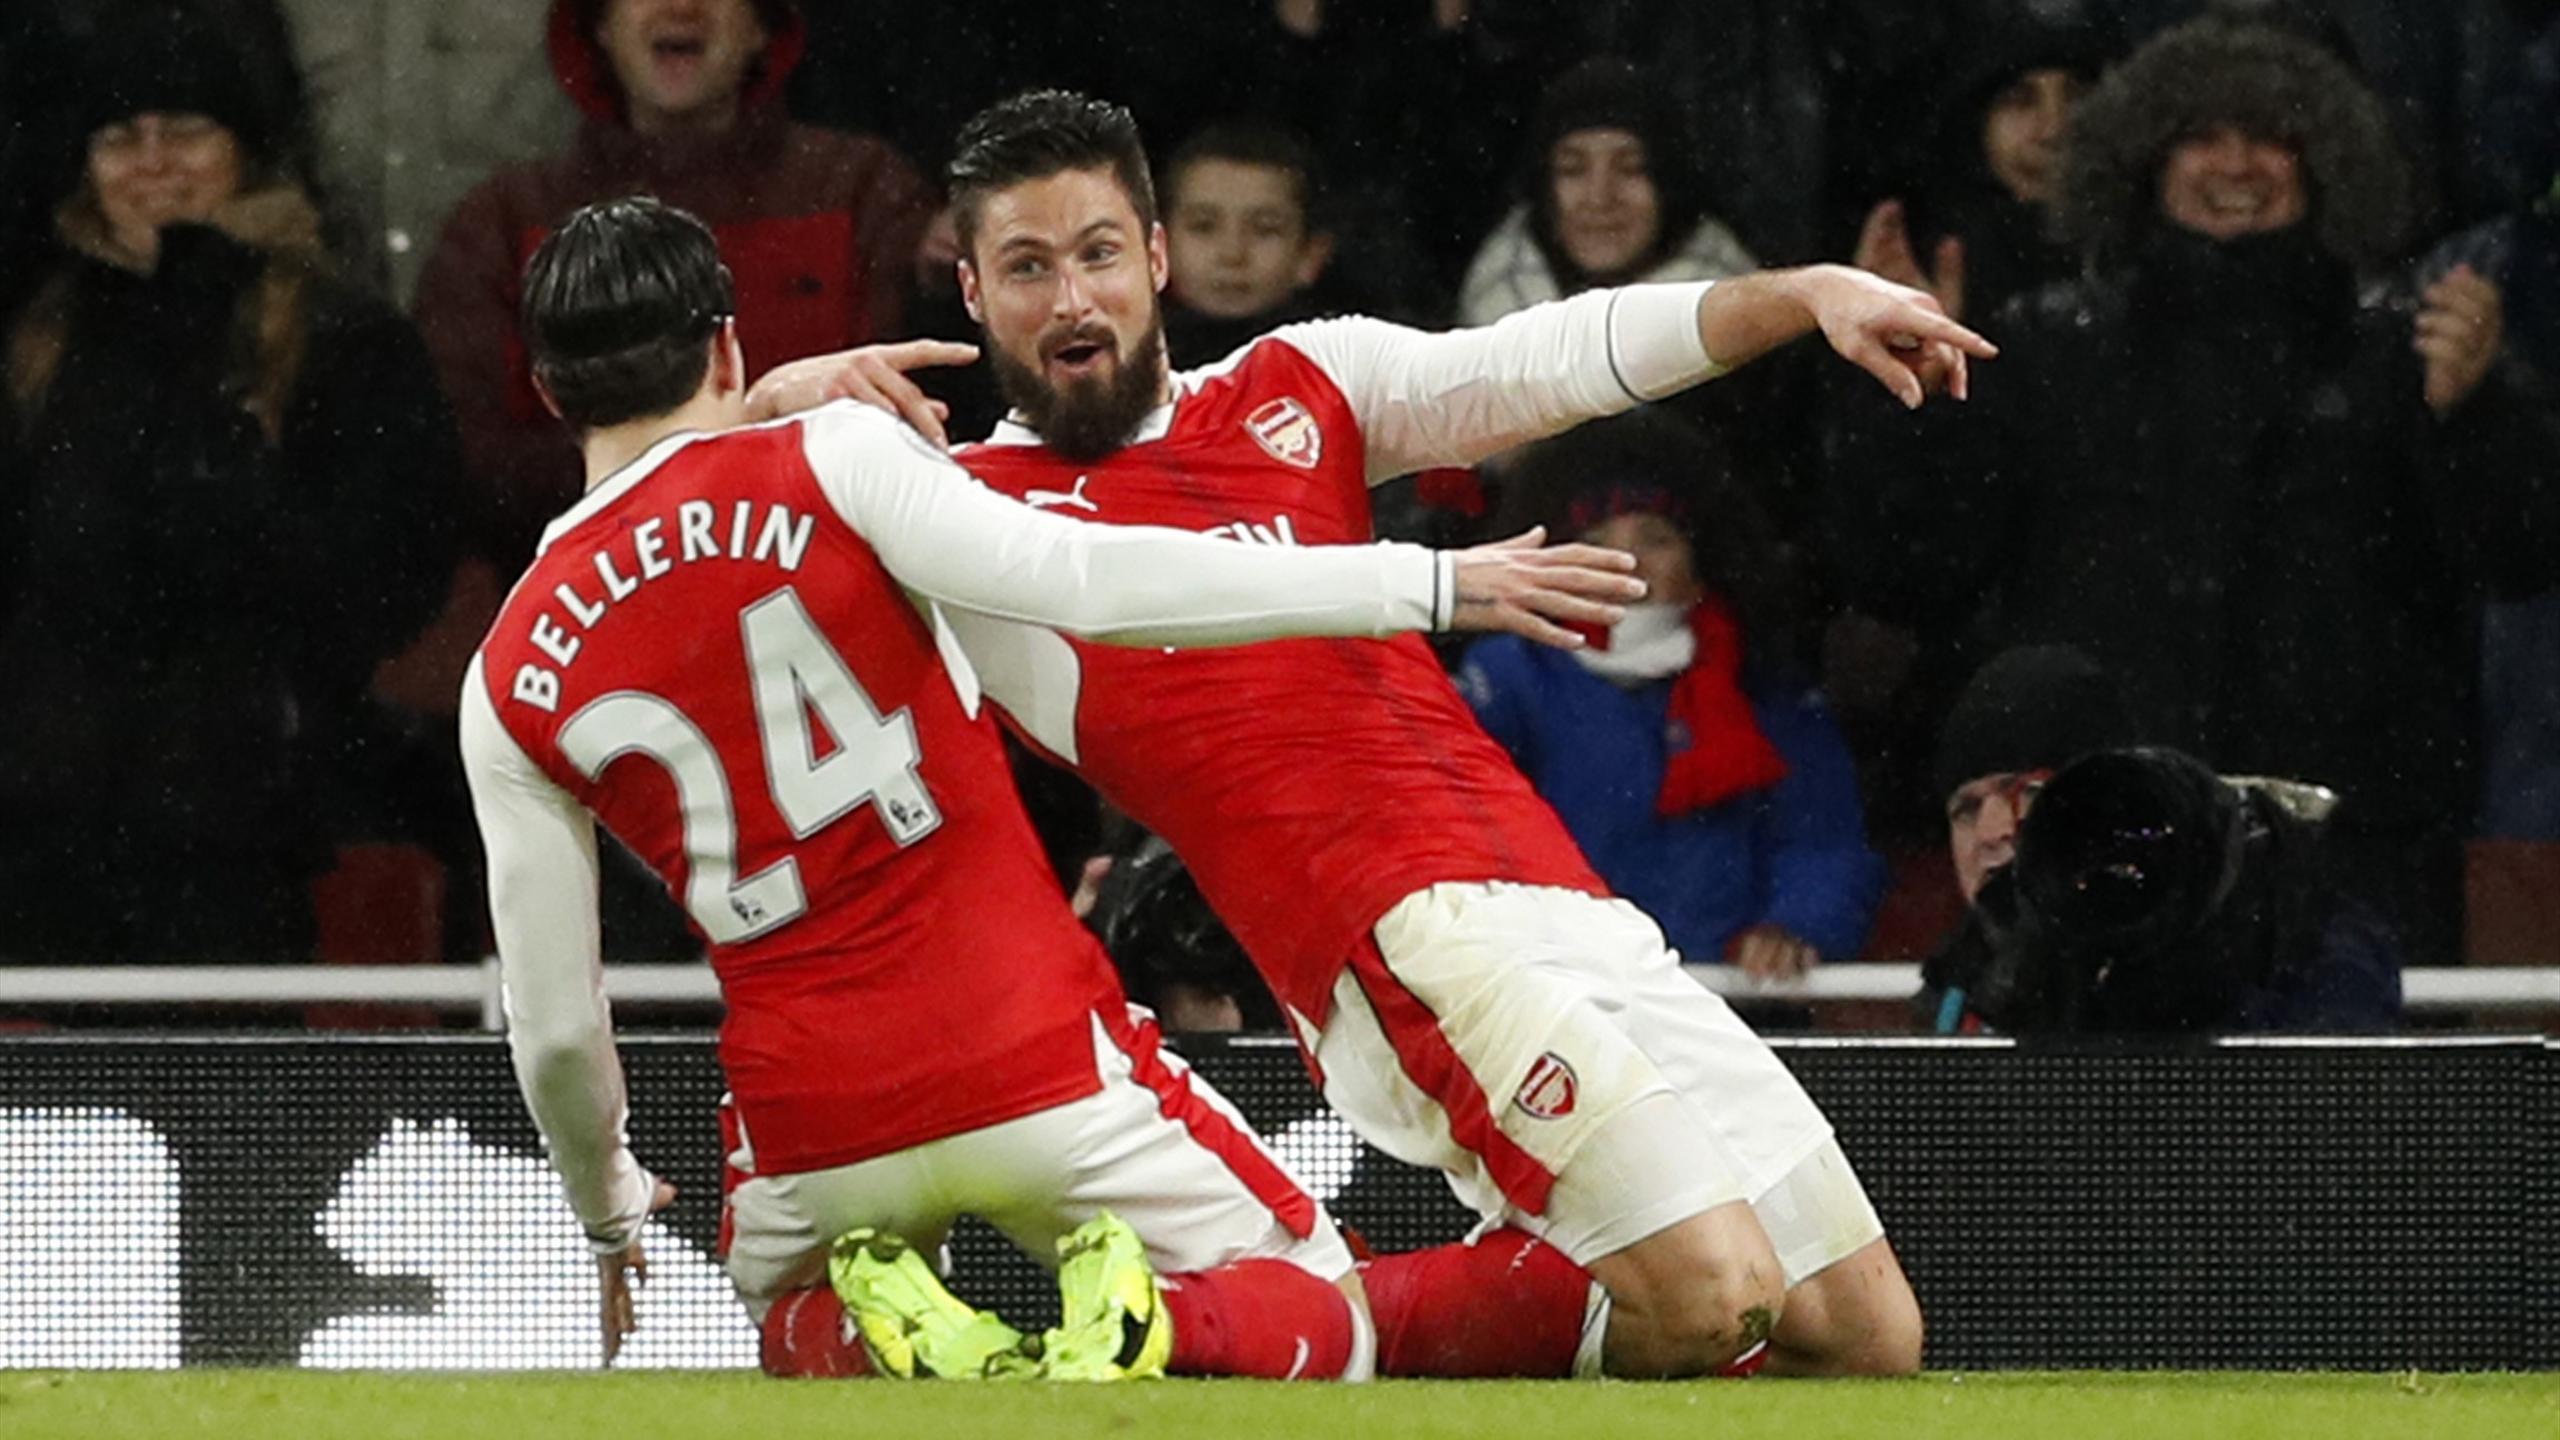 Olivier Giroud celebrates scoring a wondergoal for Arsenal against Crystal Palace